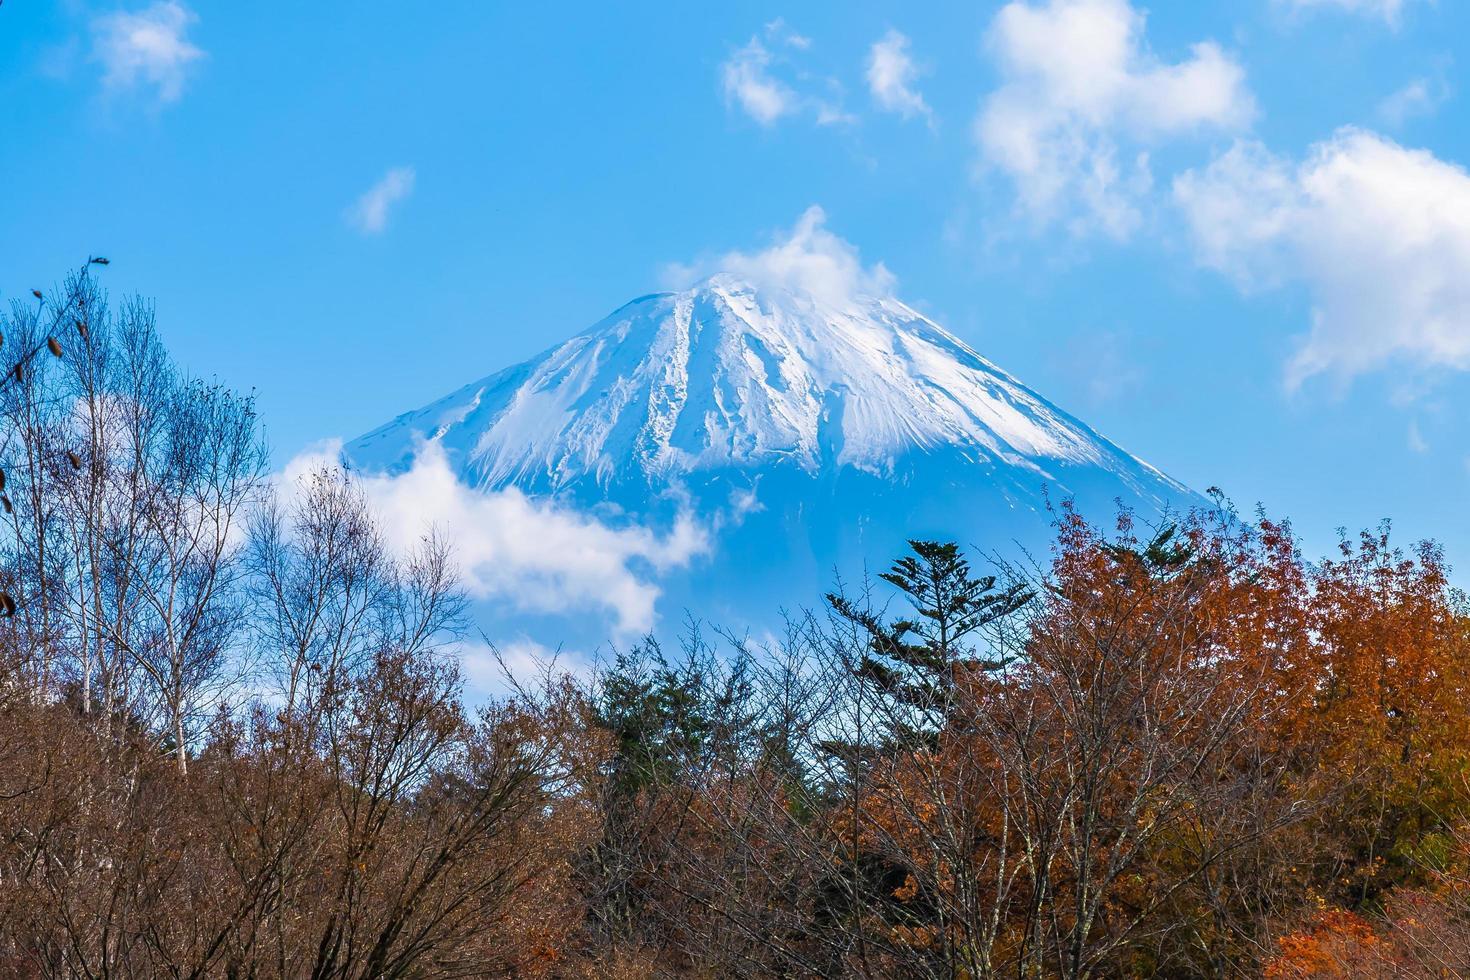 schöne landschaft bei mt. Fuji, Japan foto